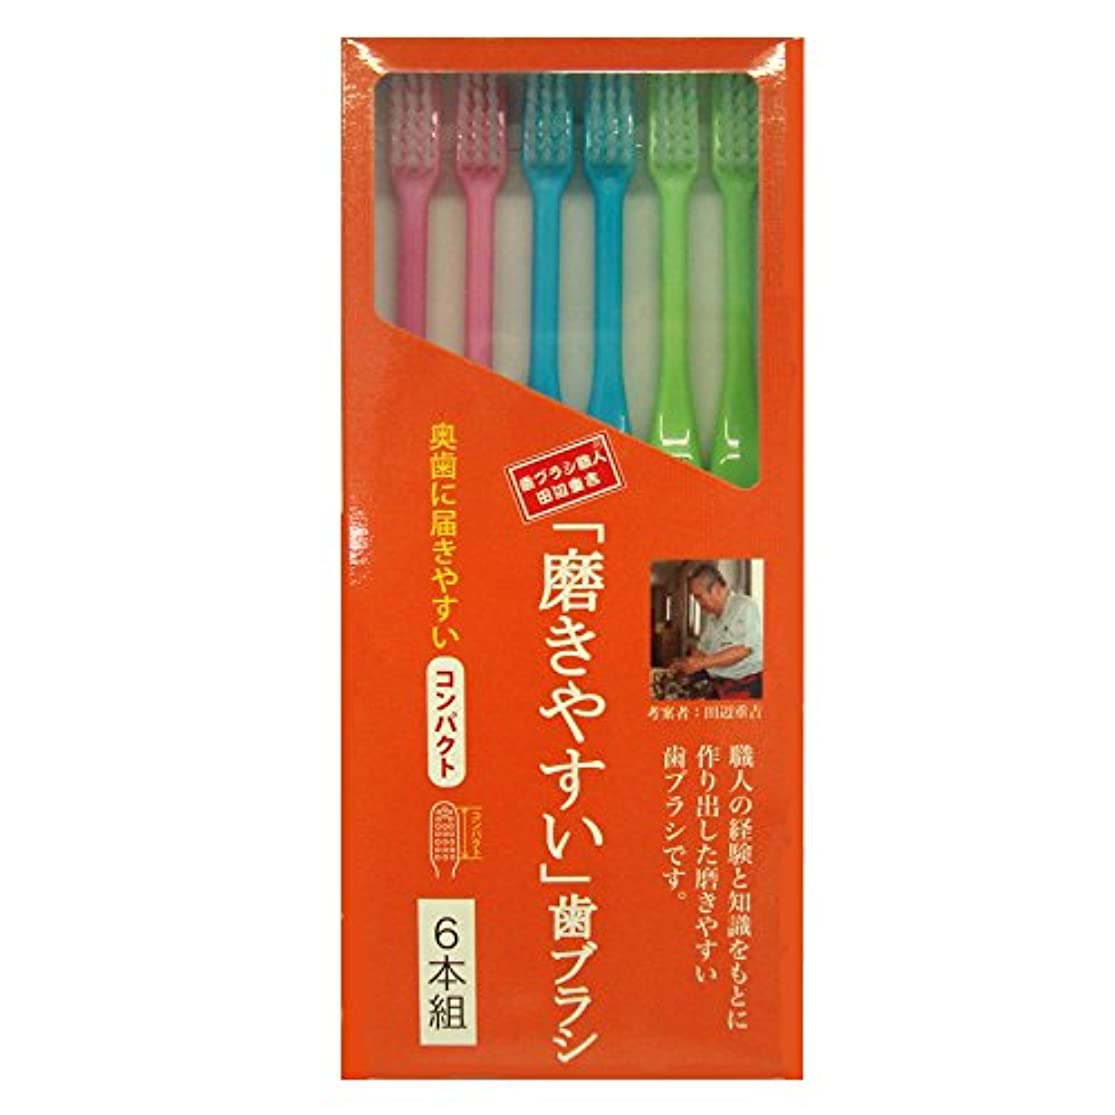 活力シャーロックホームズ耕す磨きやすい歯ブラシ 6本組 コンパクトタイプ